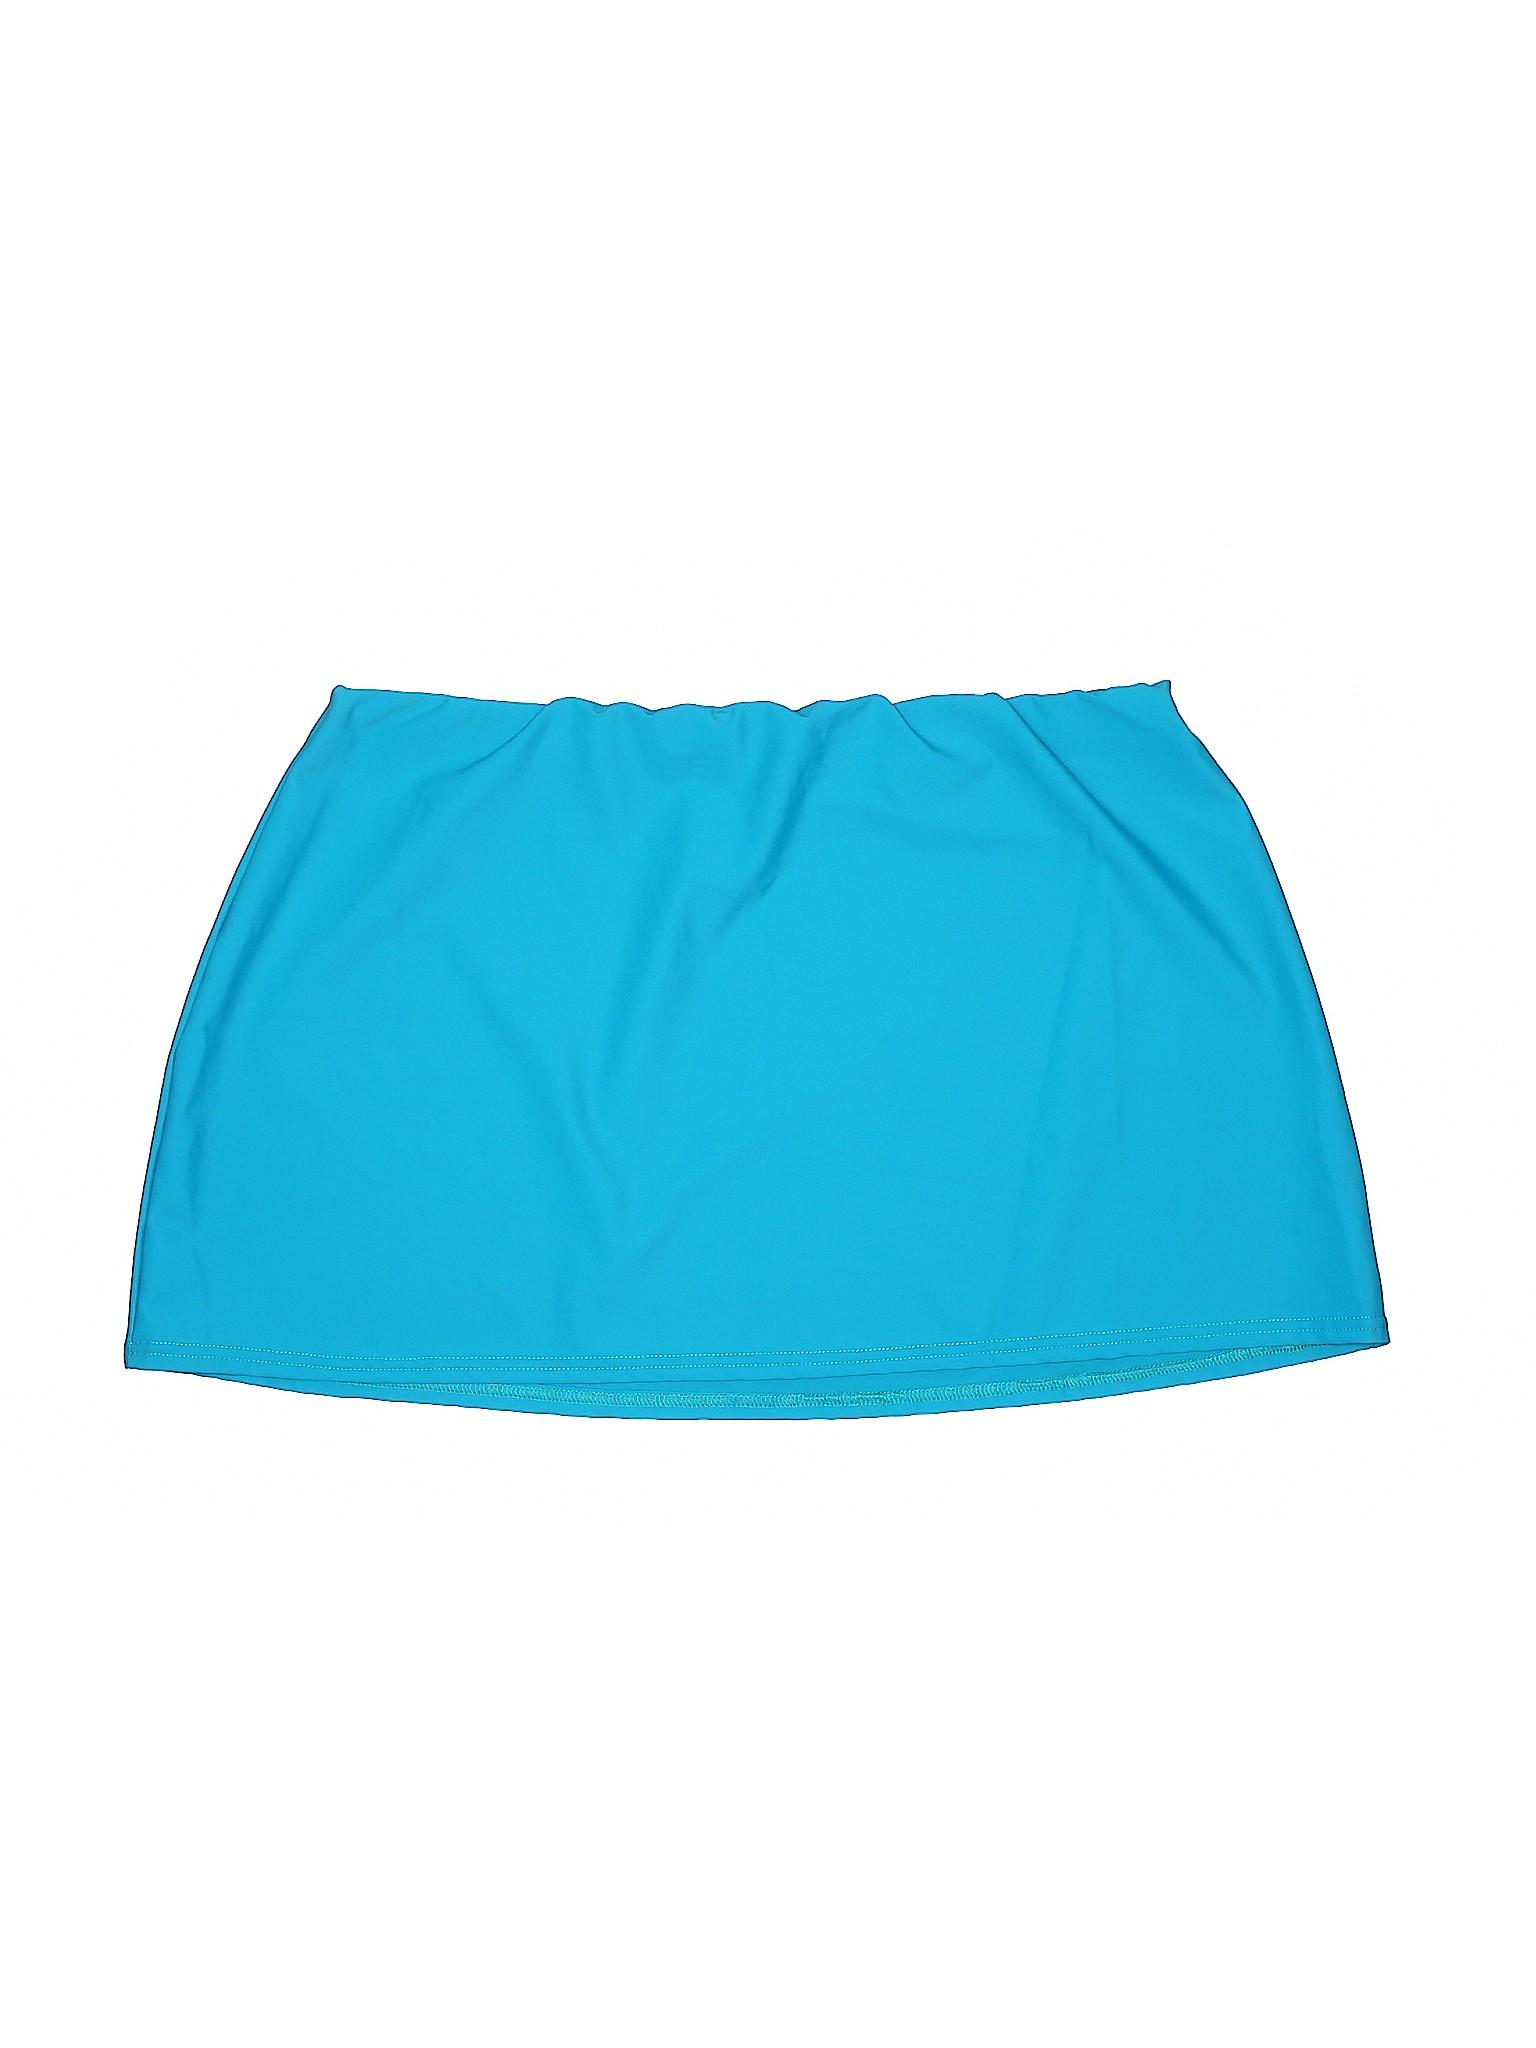 Secret Swimsuit Up Cover Boutique Victoria's RwEAqO5v